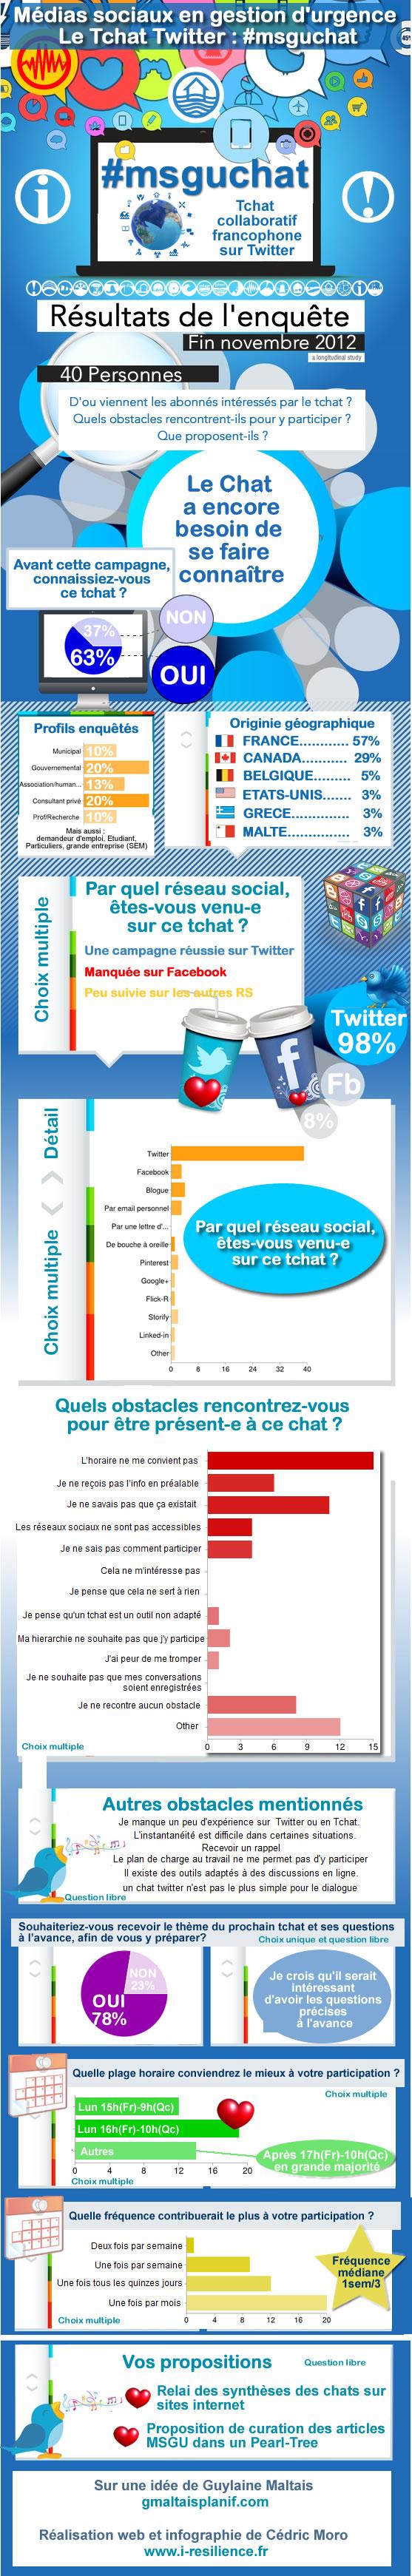 Infographie des résultats de l'enquête sur le chat francophone sur les médias sociaux en gestion d'urgence